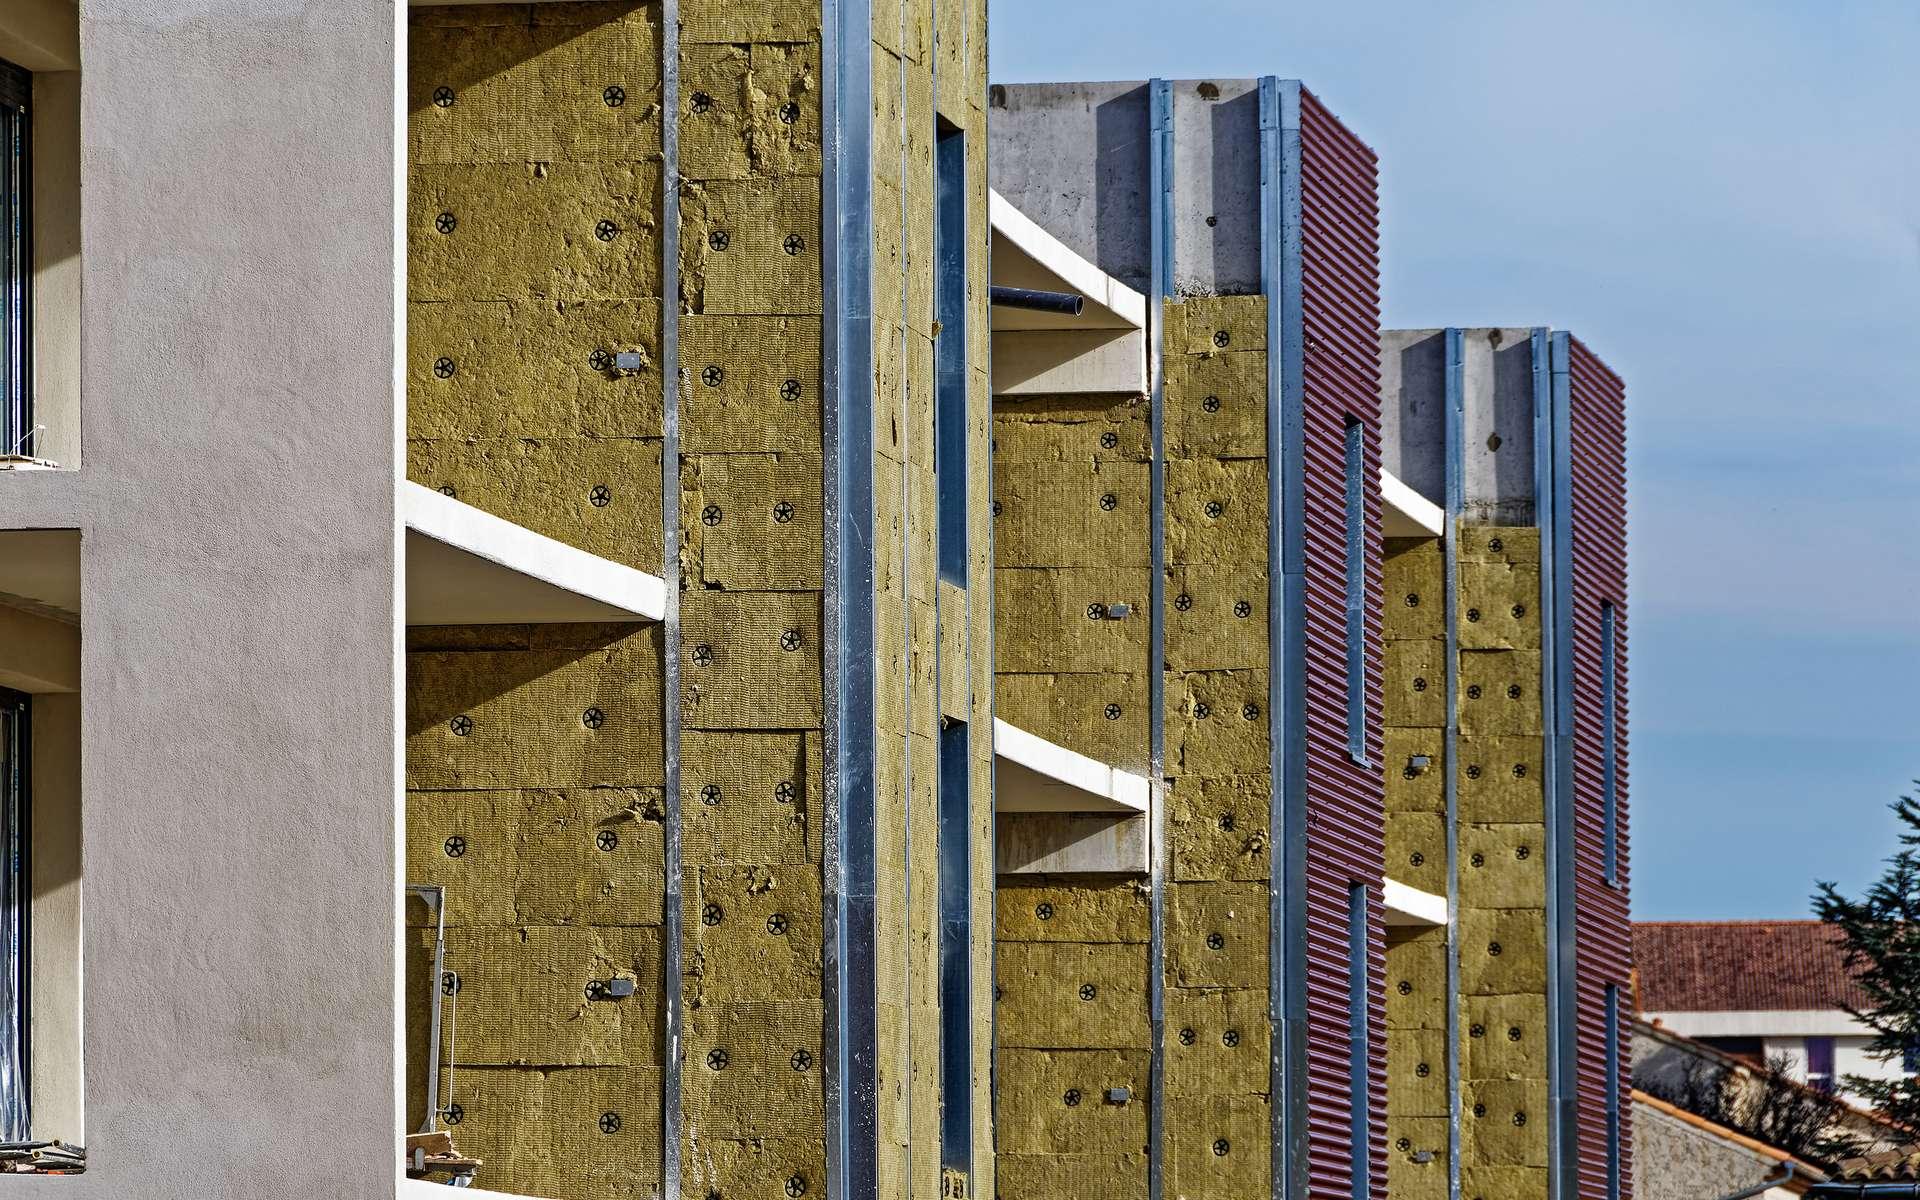 Isoler les murs extérieurs © Pictures news, AdobeStock